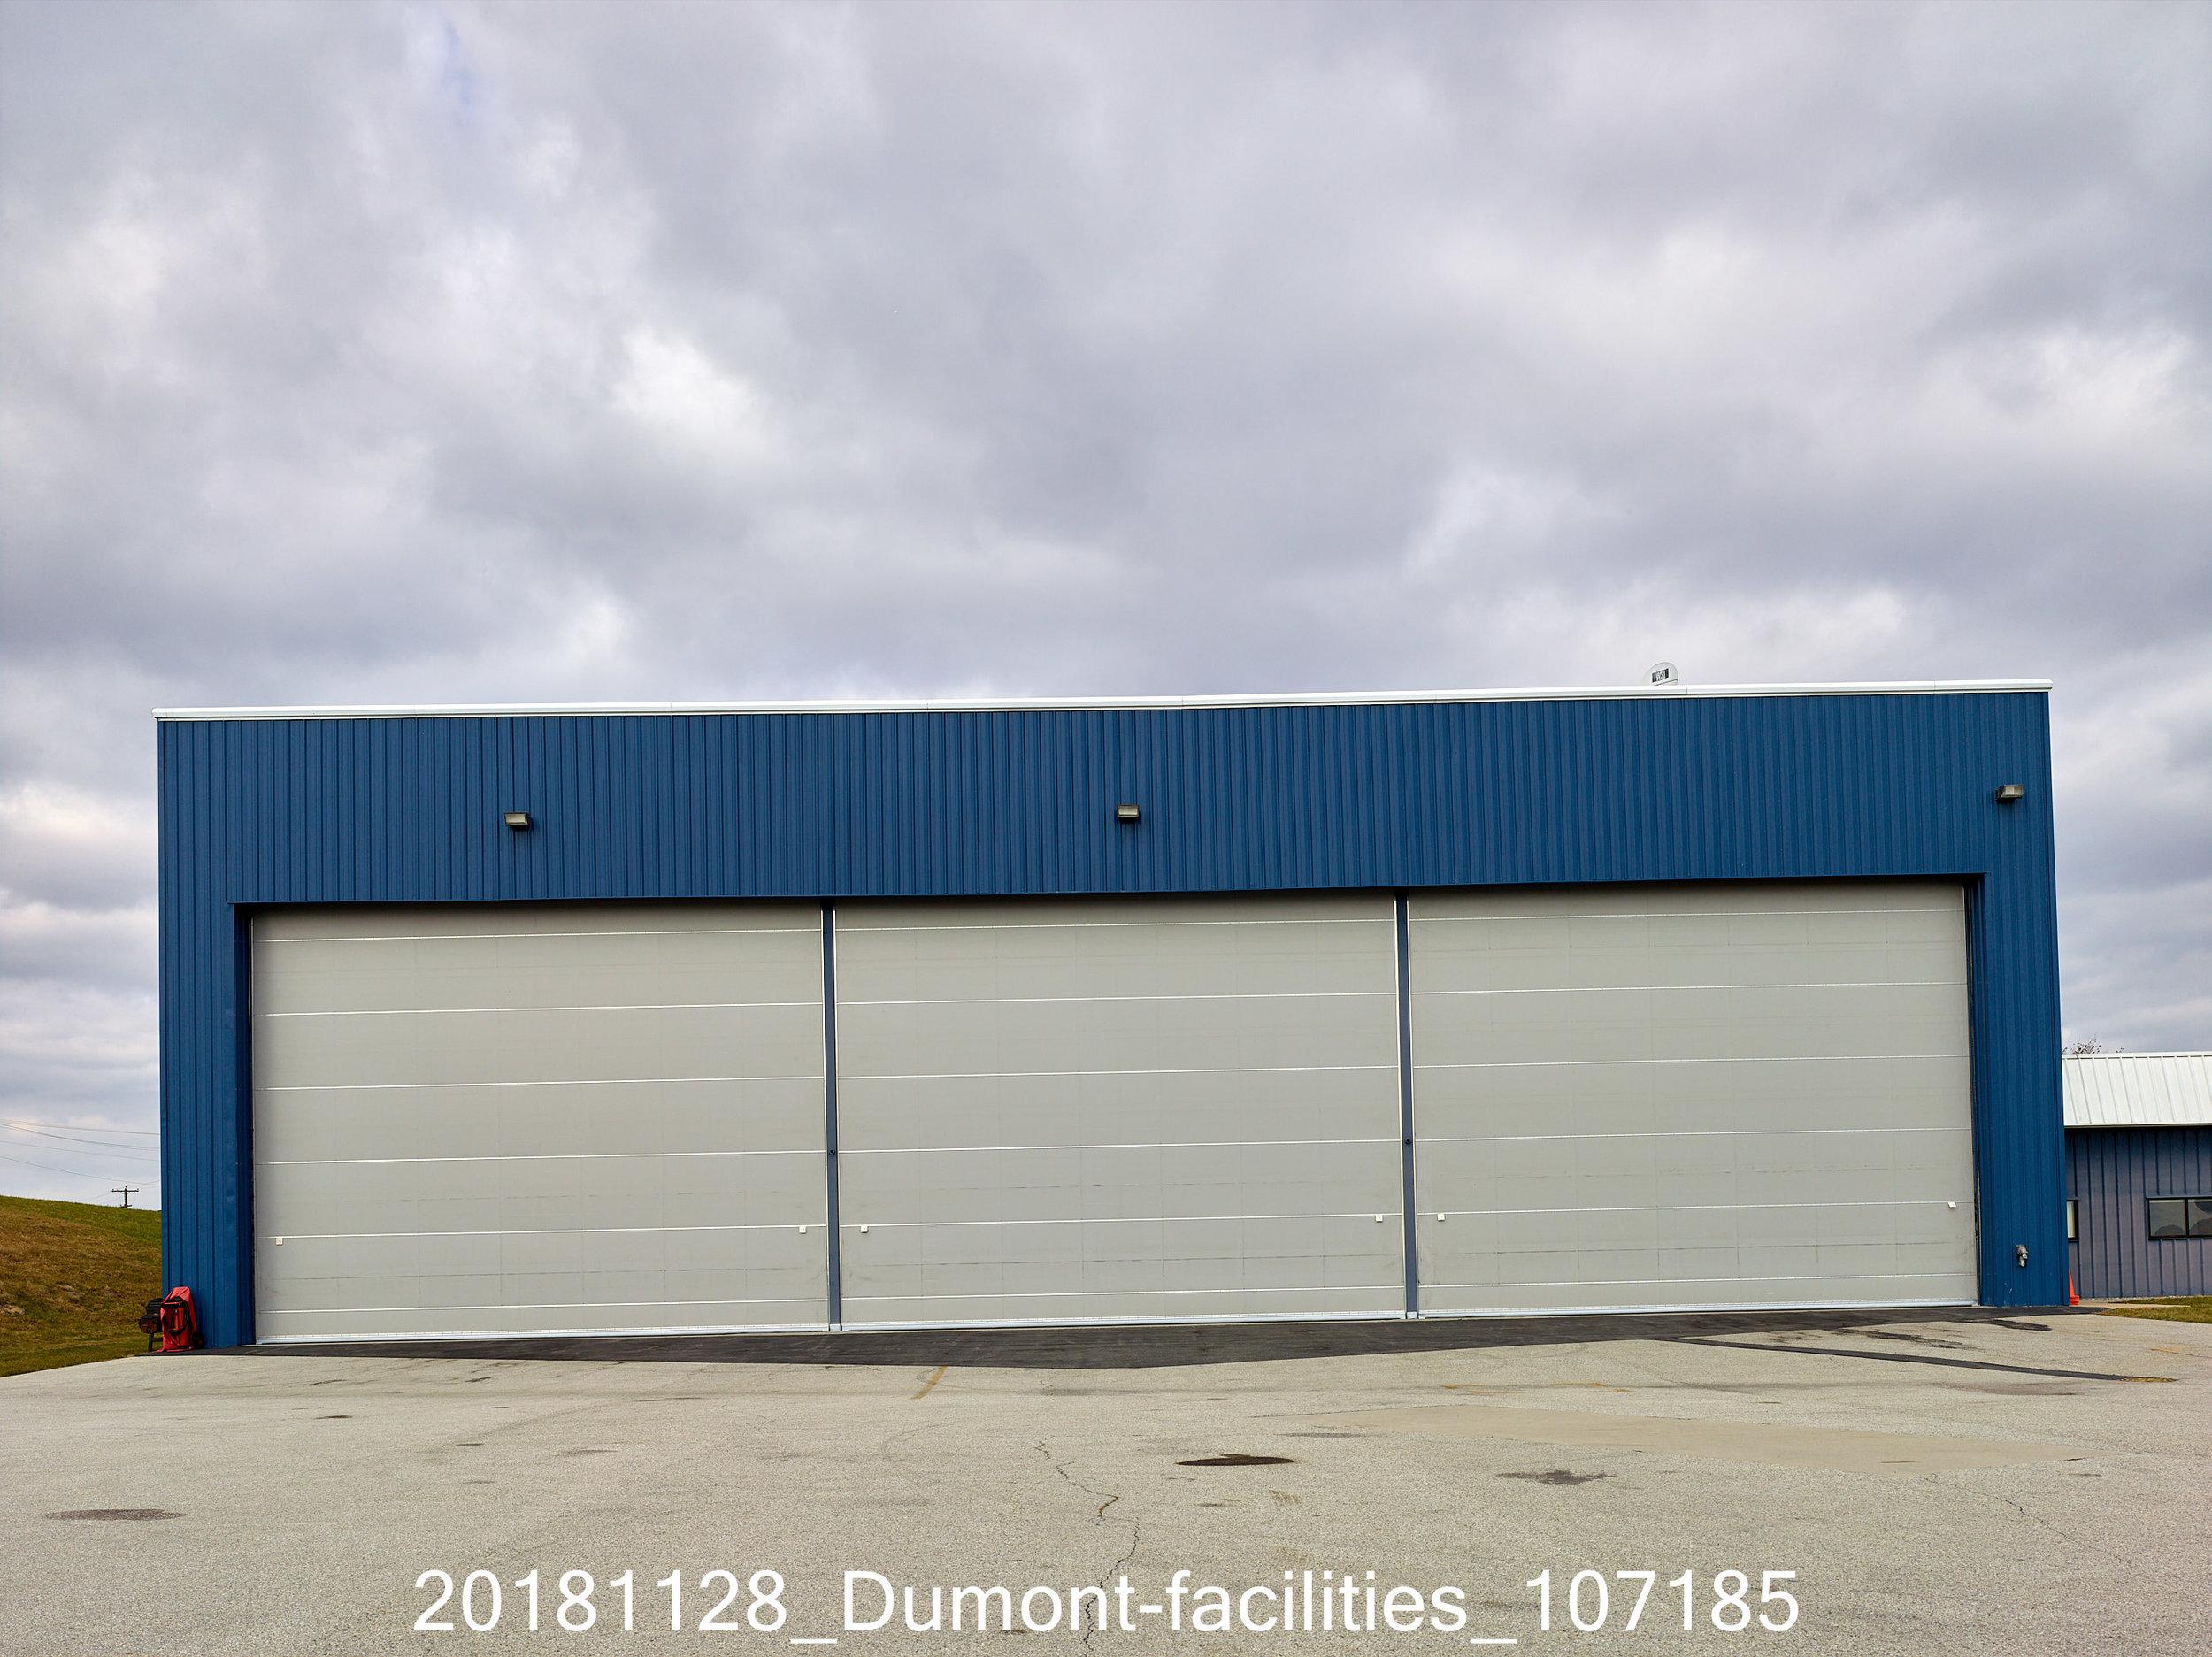 20181128_Dumont-facilities_107185.jpg